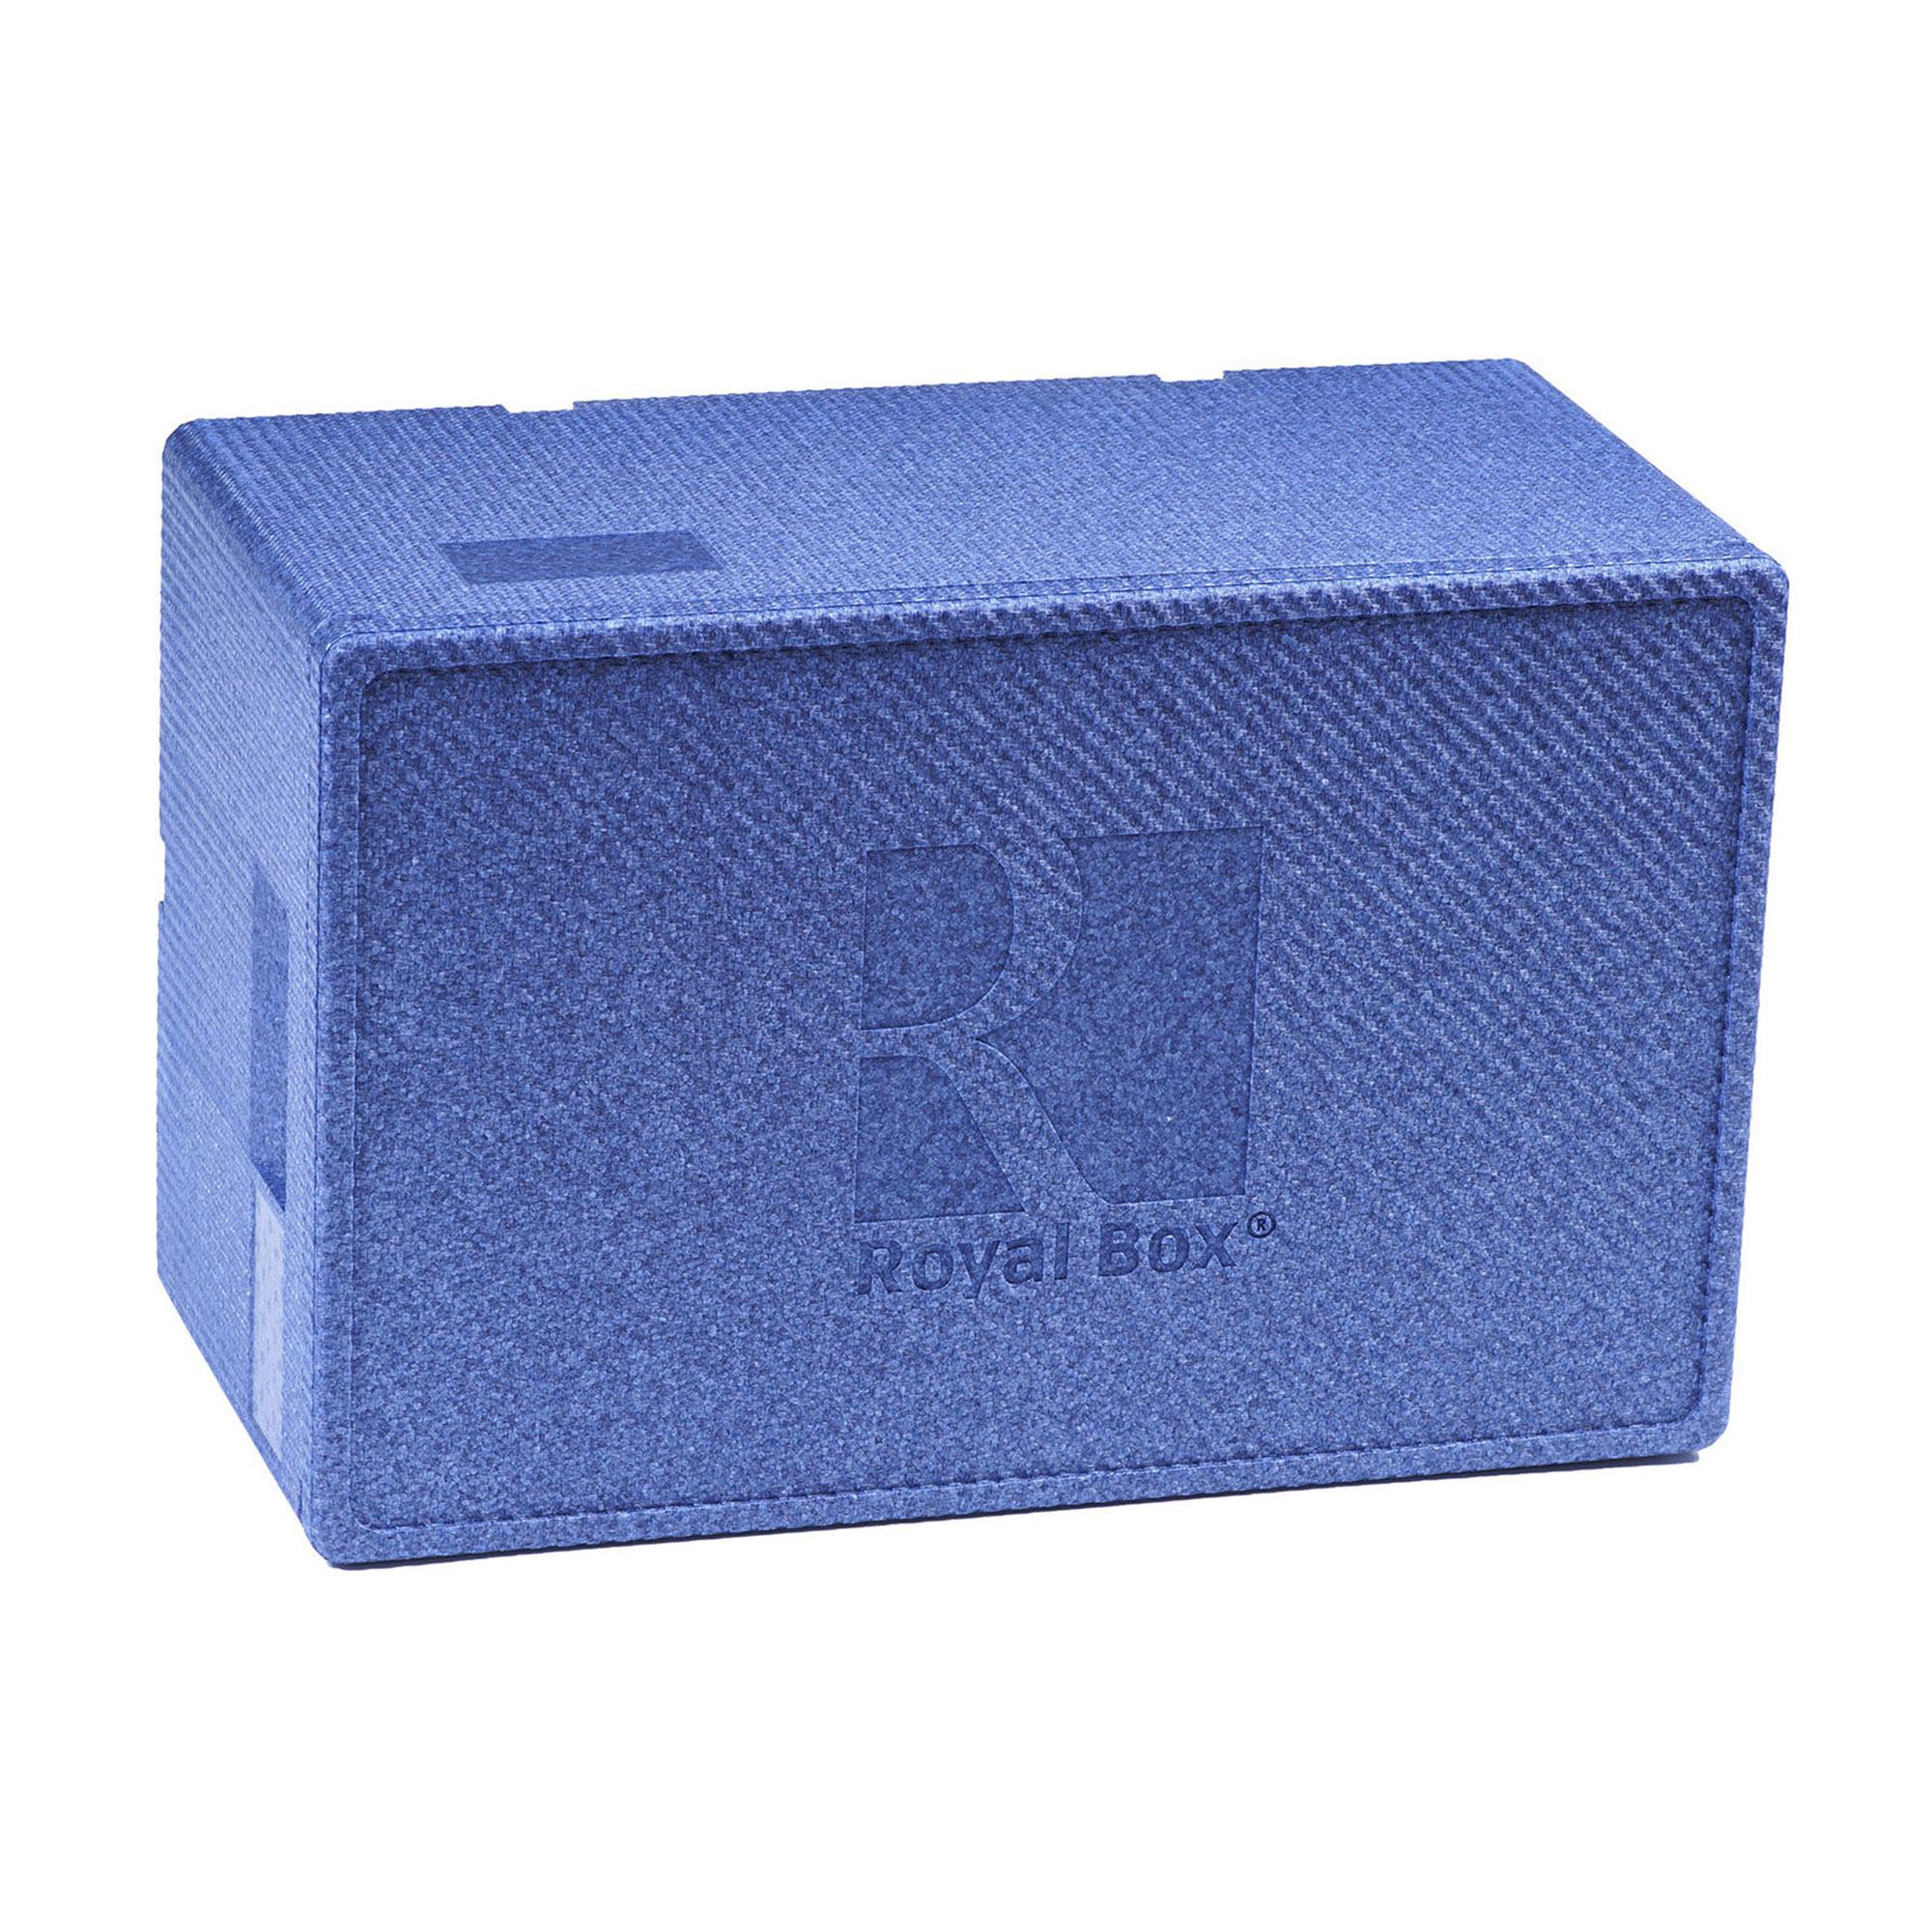 Контейнер изотермический Royal Box UNIQUE BLUE 42 л